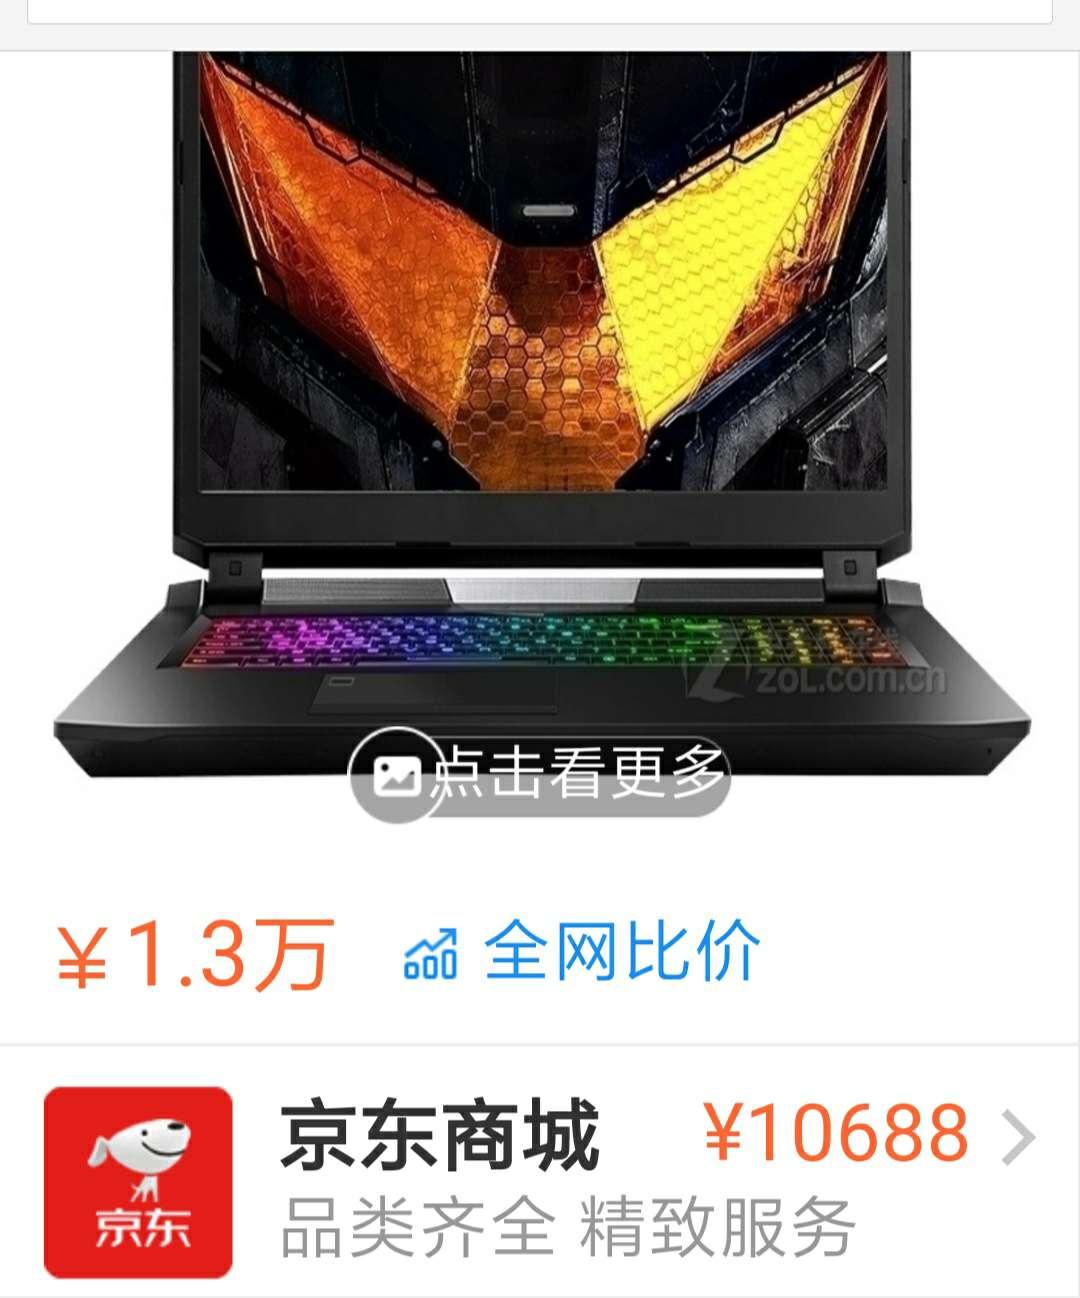 炫龙 V87P怎么升级内存?